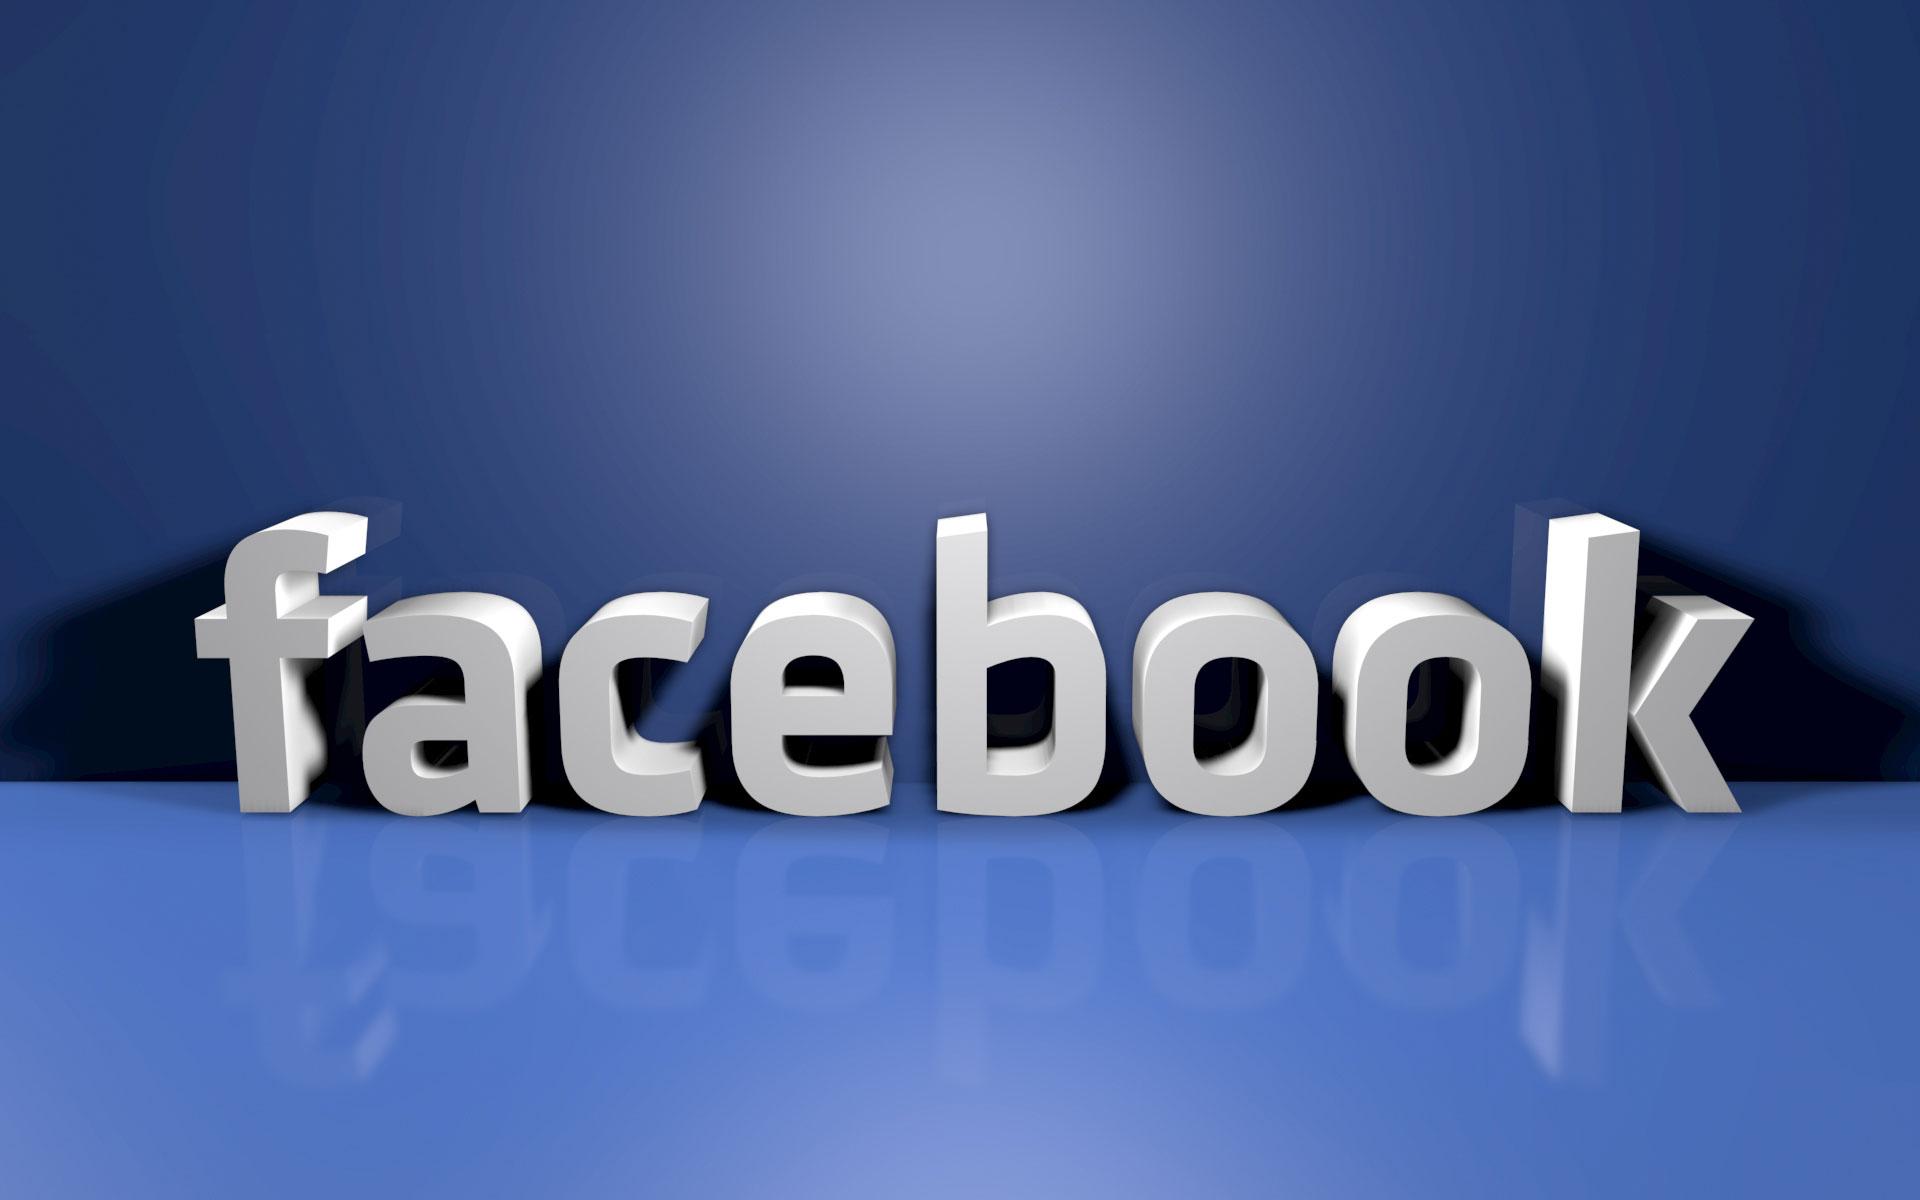 Facebook-ը սխալ է թույլ տվել հանրային էջերի վիճակագրական հաշվարկներում